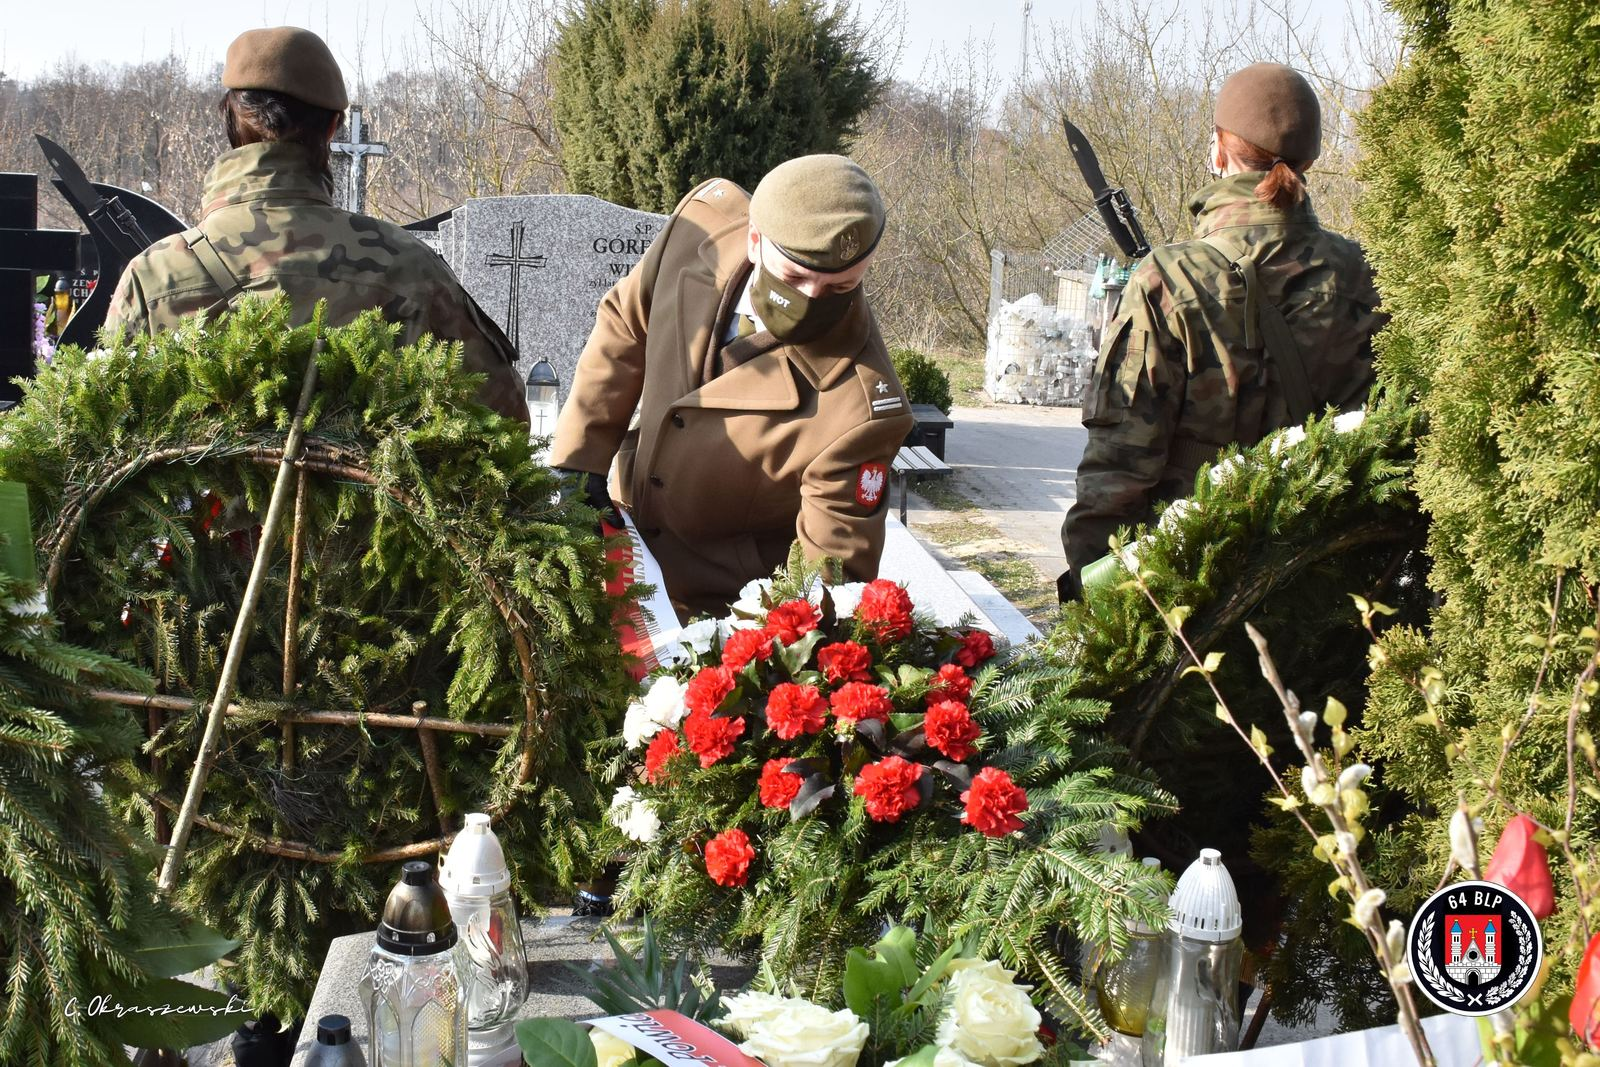 Terytorialsi pamiętali o ważnych rocznicach [FOTO] - Zdjęcie główne